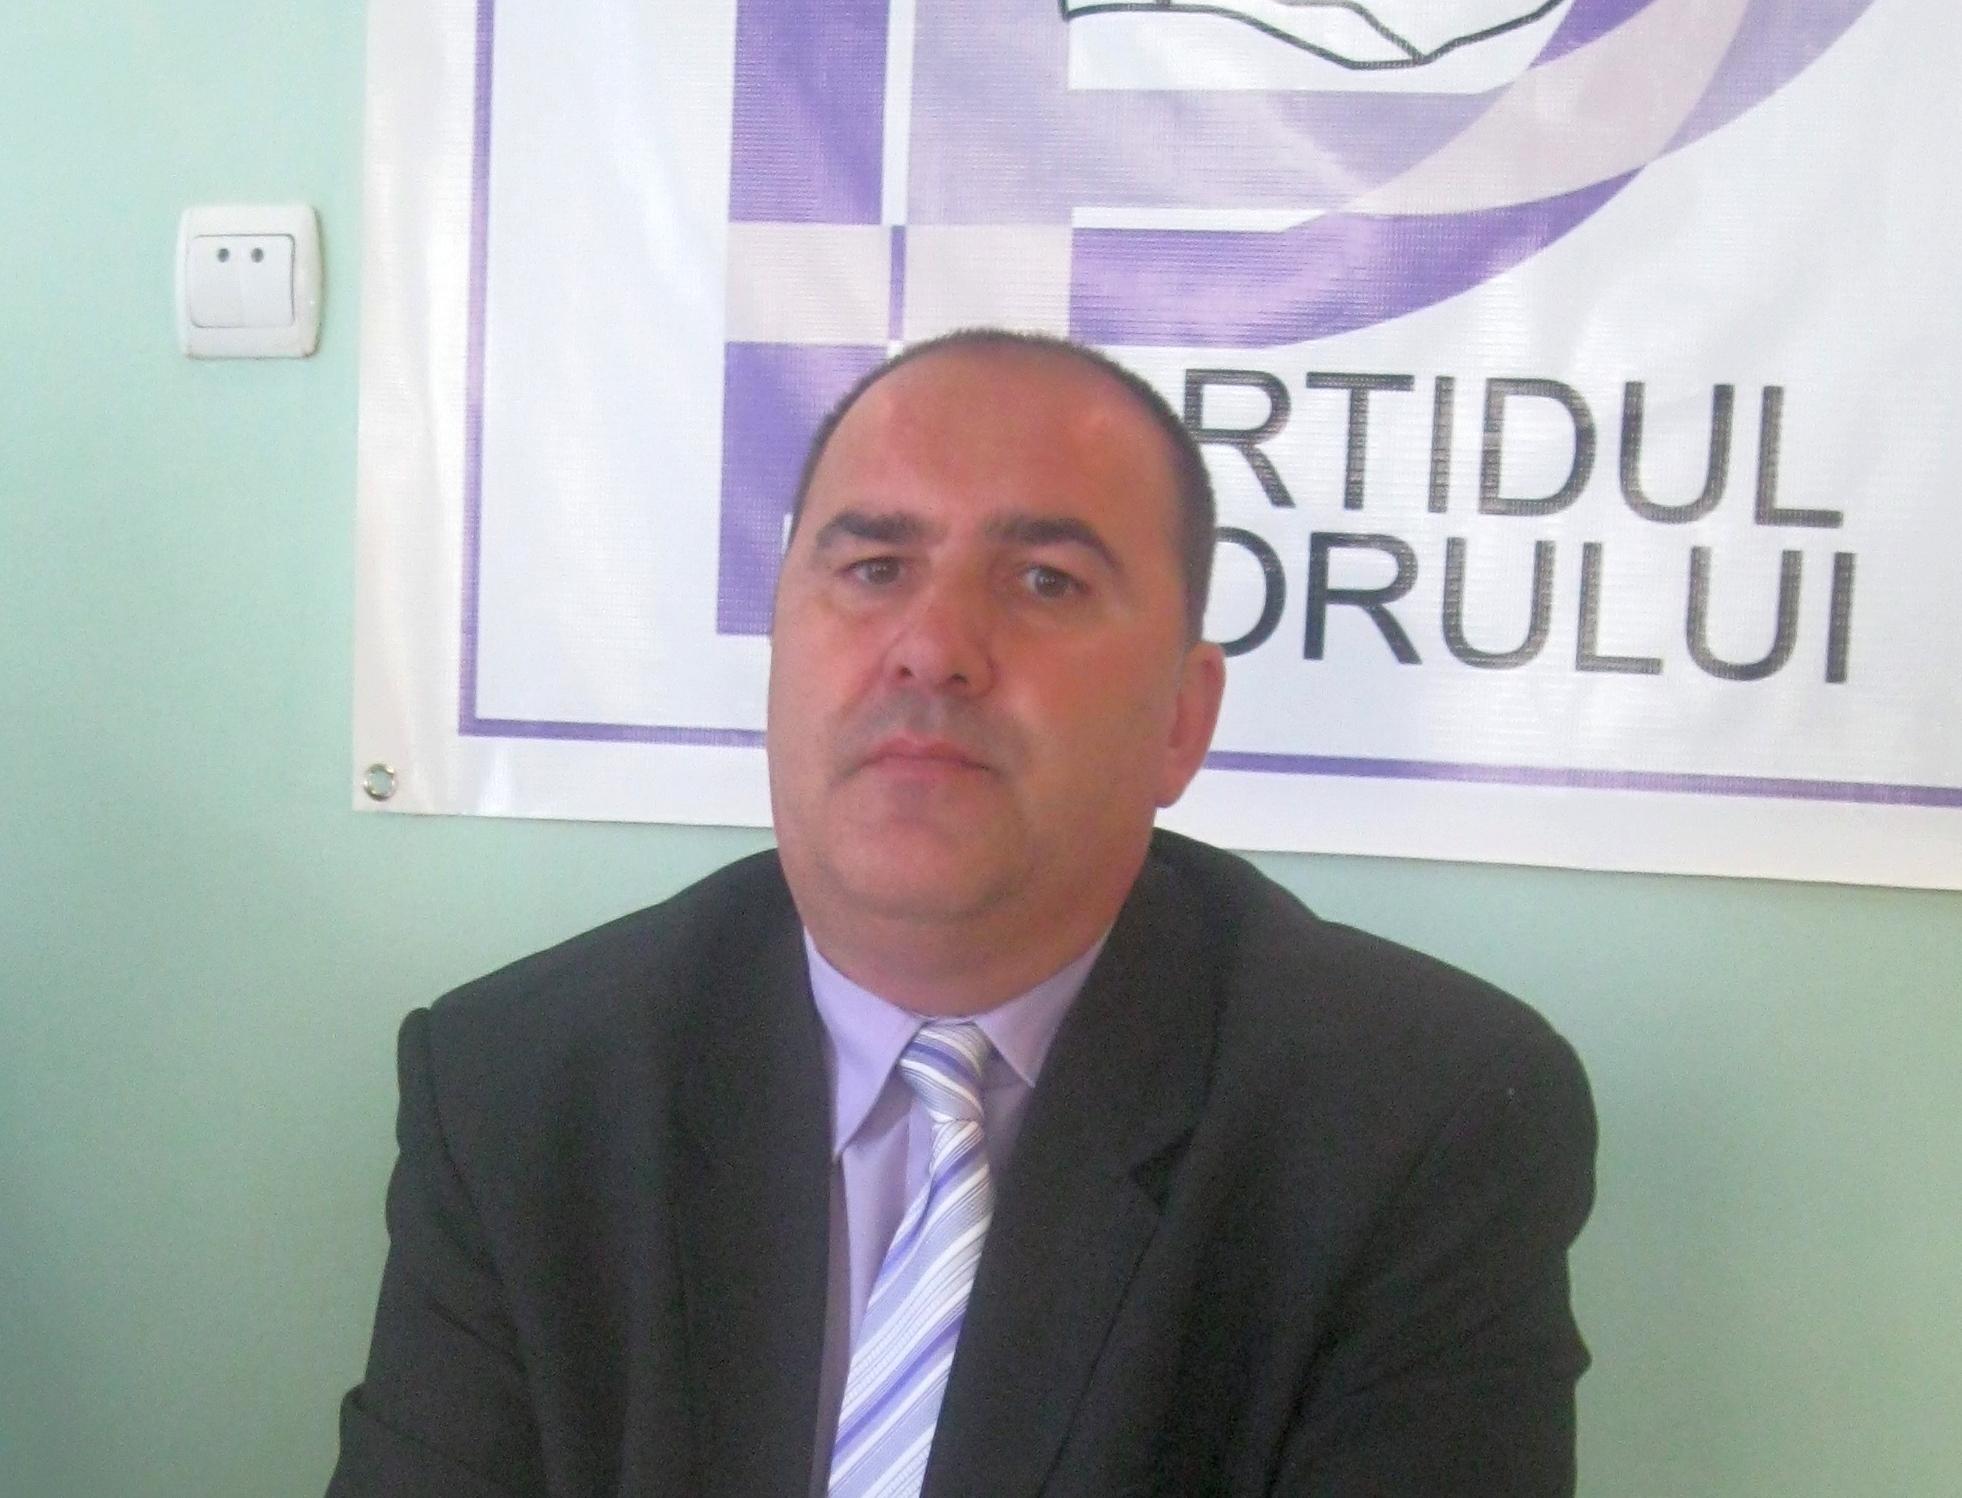 Preşedintele Partidului Poporului Mureş îşi va da demisia dacă i se impun candidaţi de la centru.